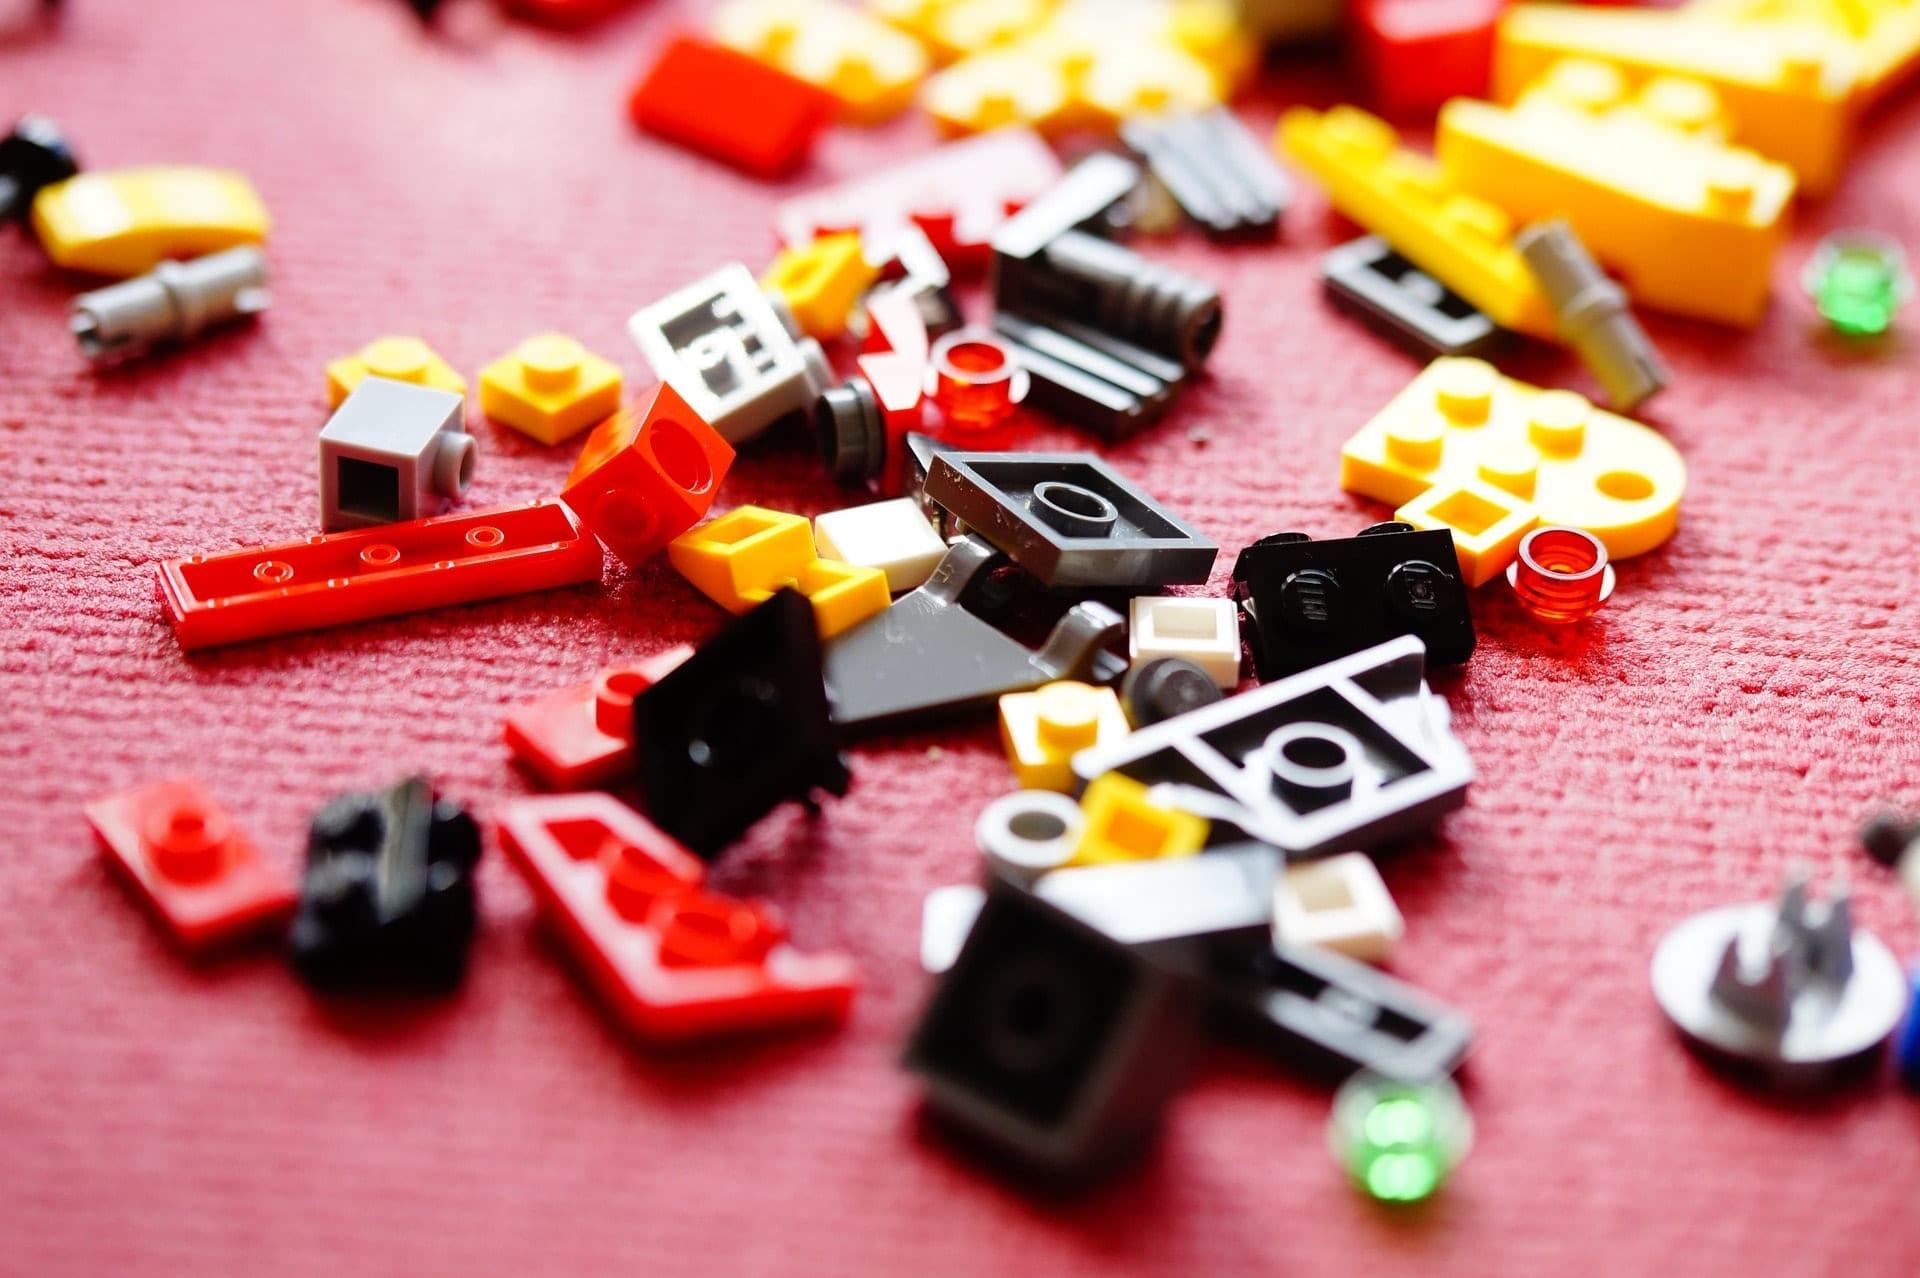 Lego serious play kit